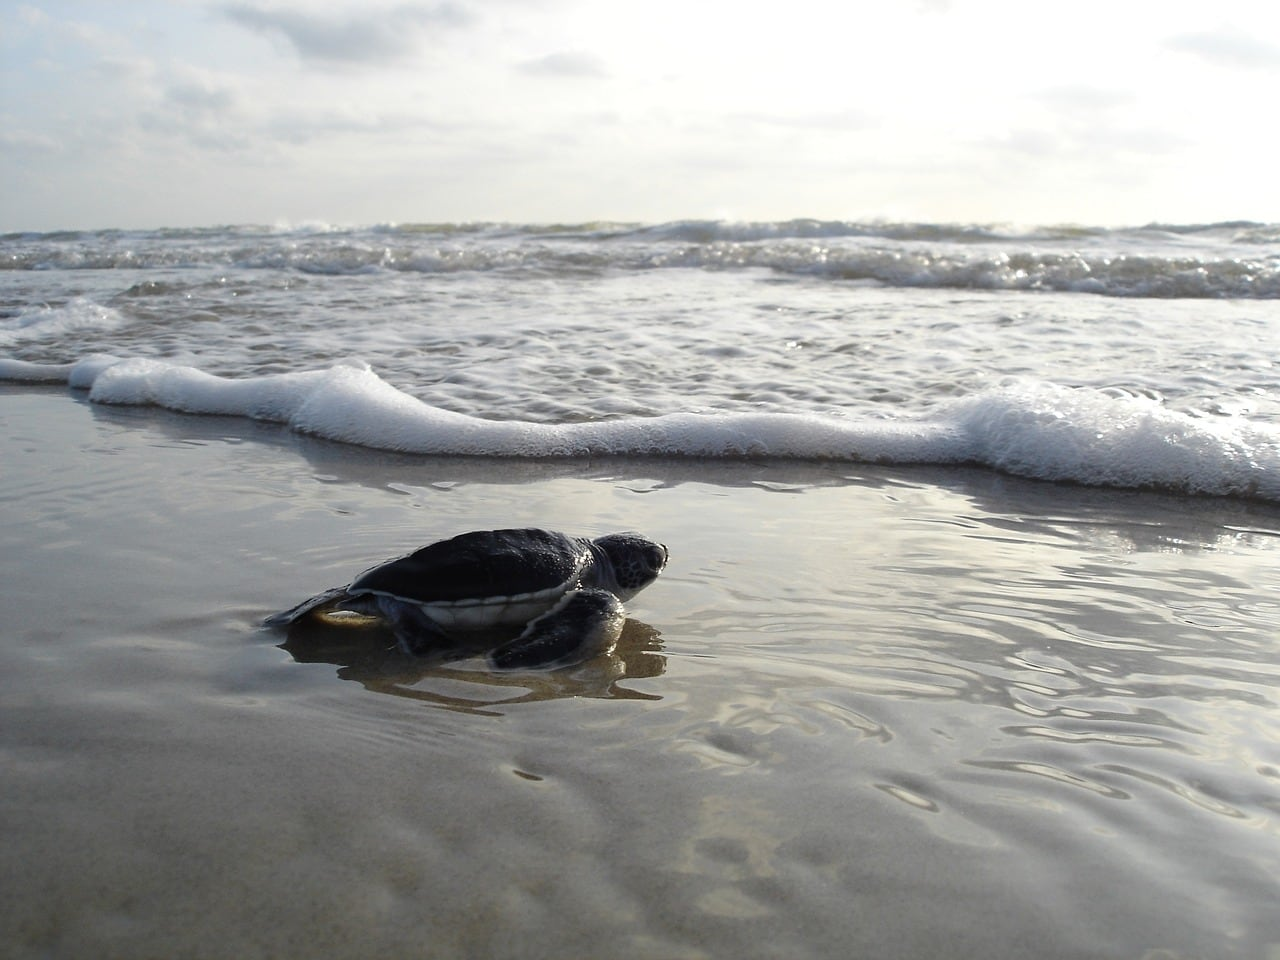 морских черепах